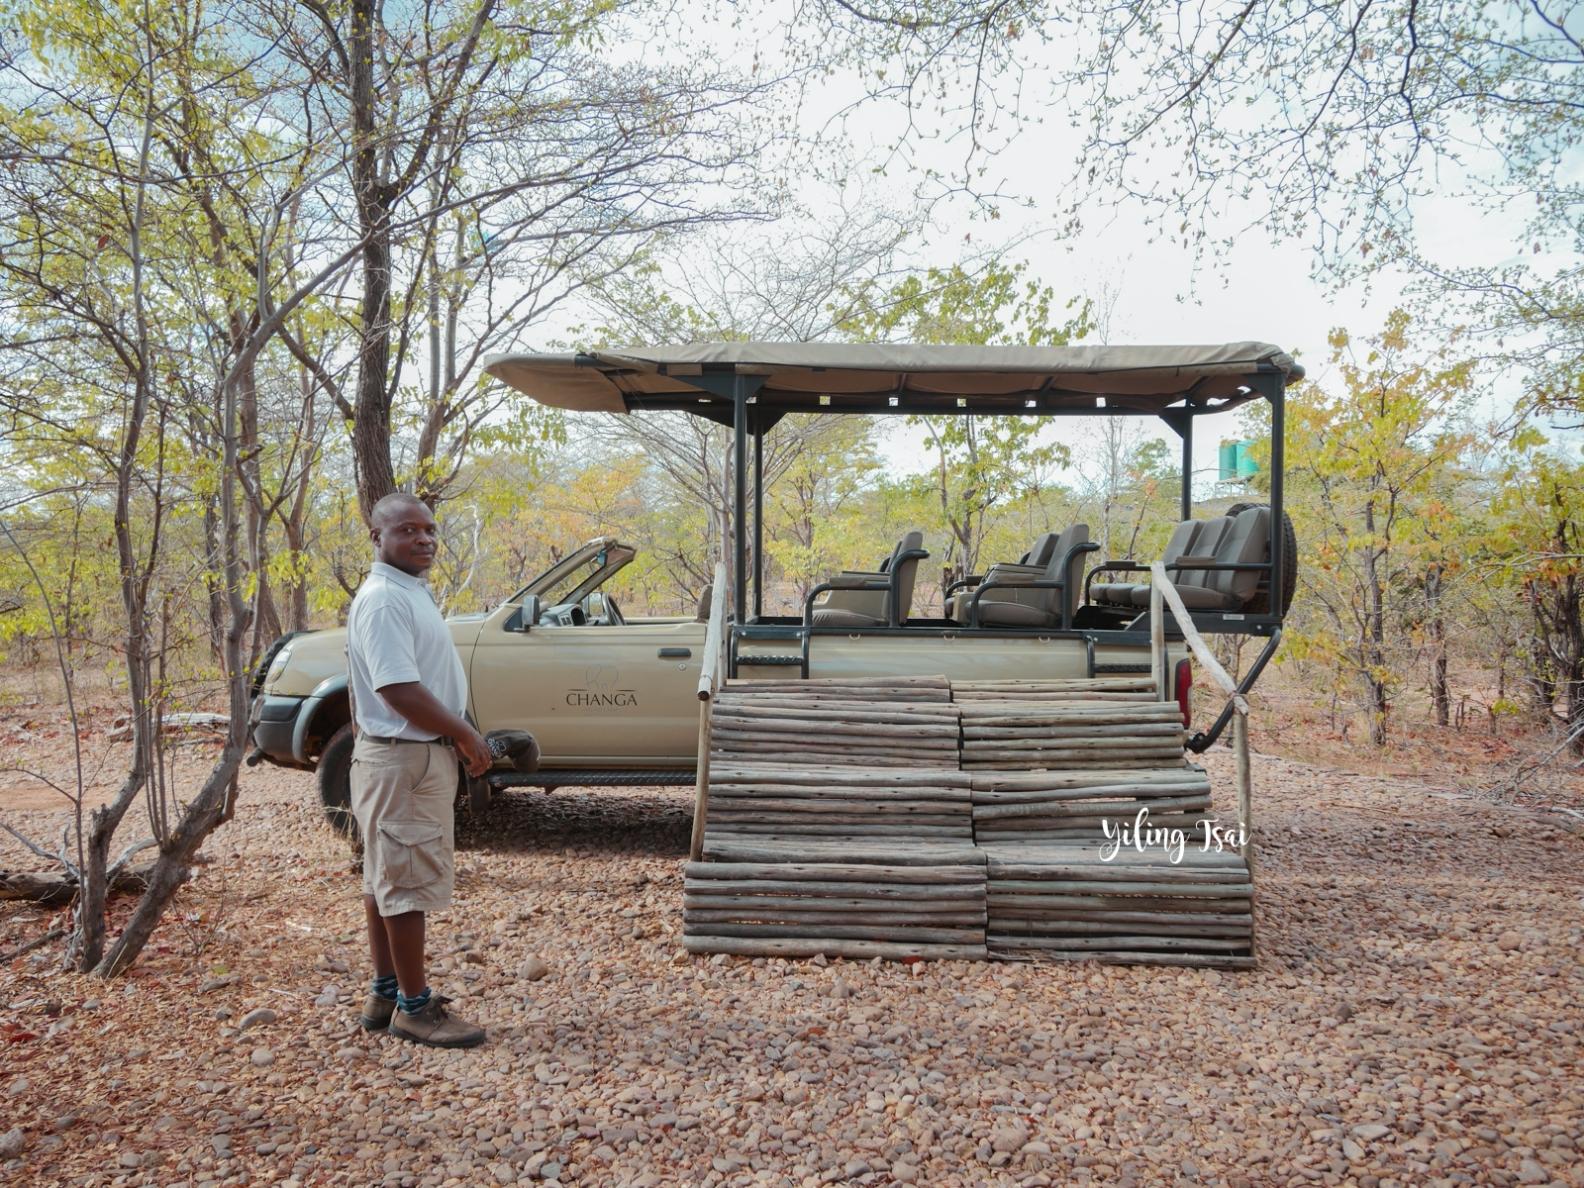 辛巴威馬圖薩多納國家公園住宿 Changa Safari Camp 卡里巴水庫與世隔絕的王國